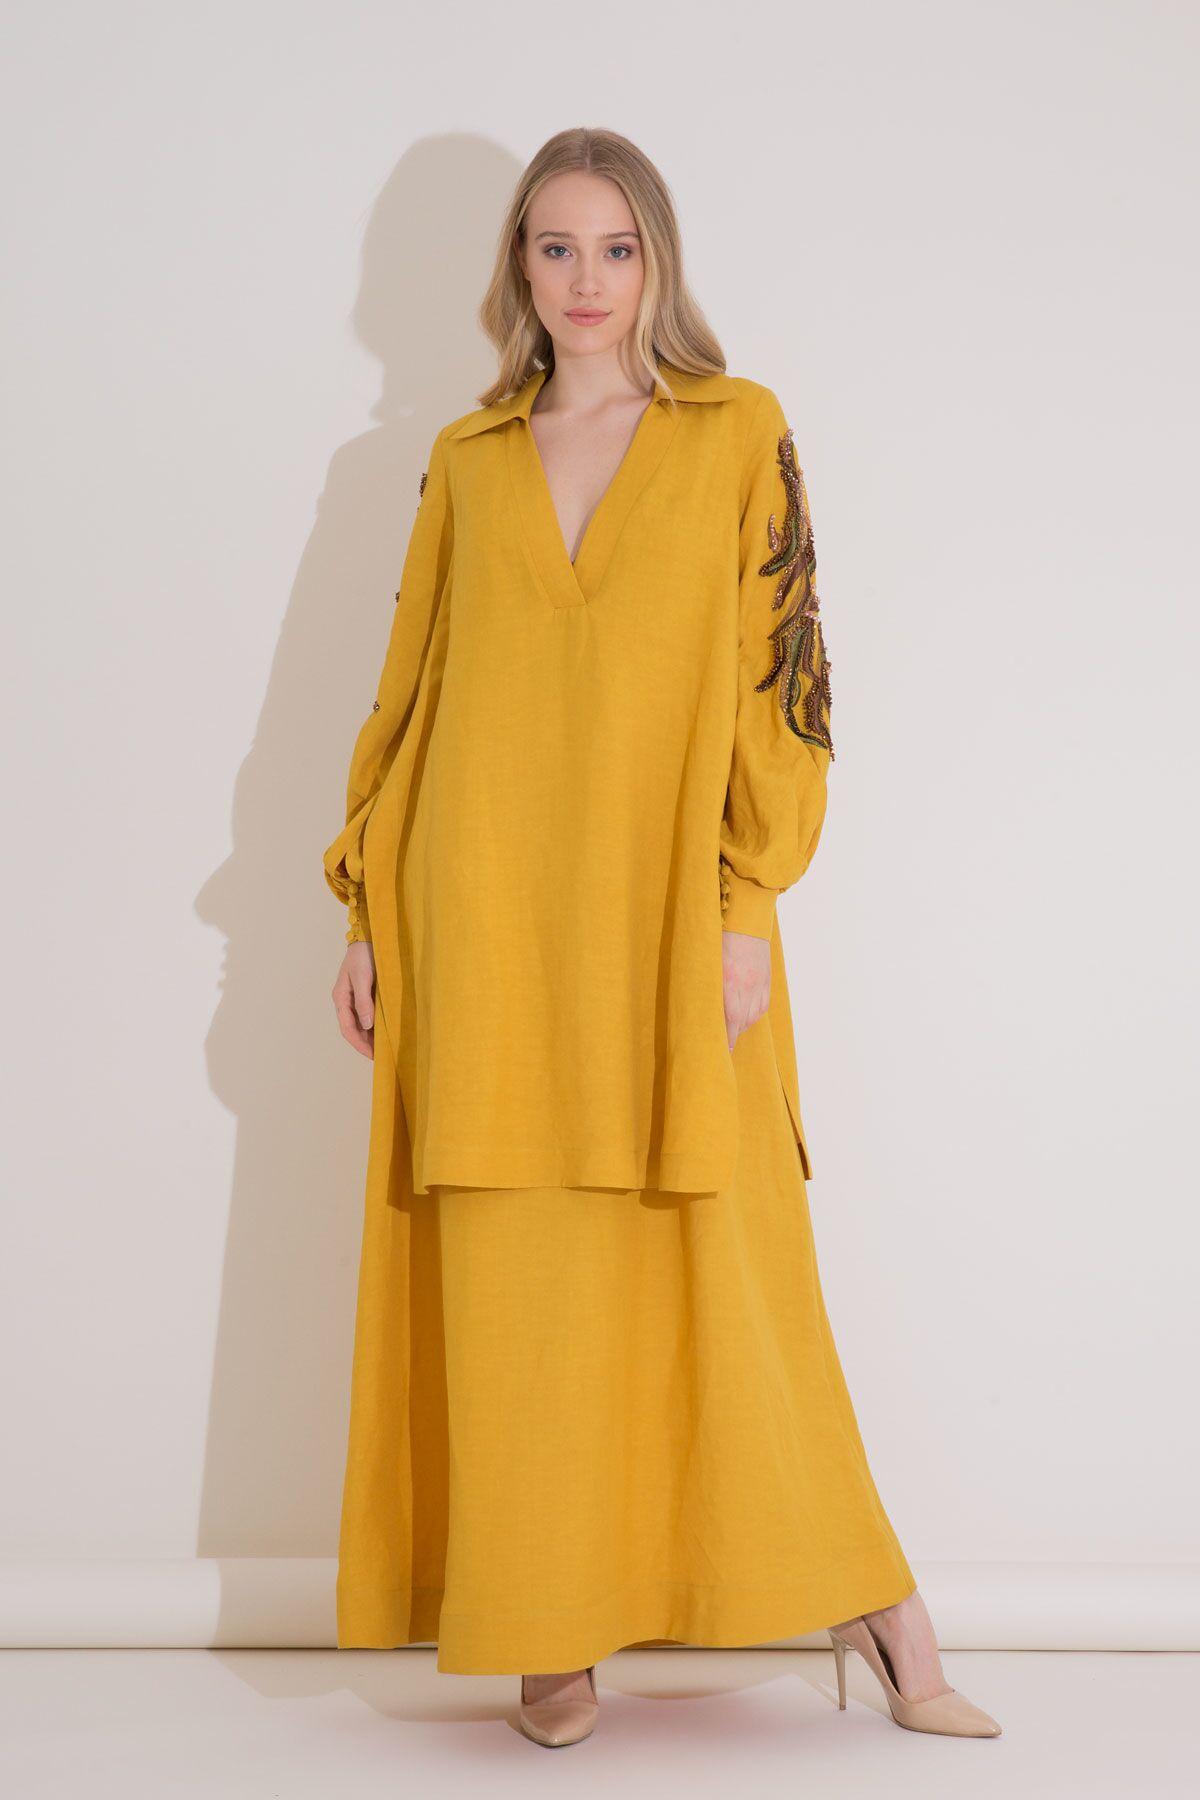 Nakış Detaylı Safran Rengi Uzun Katlı Elbise